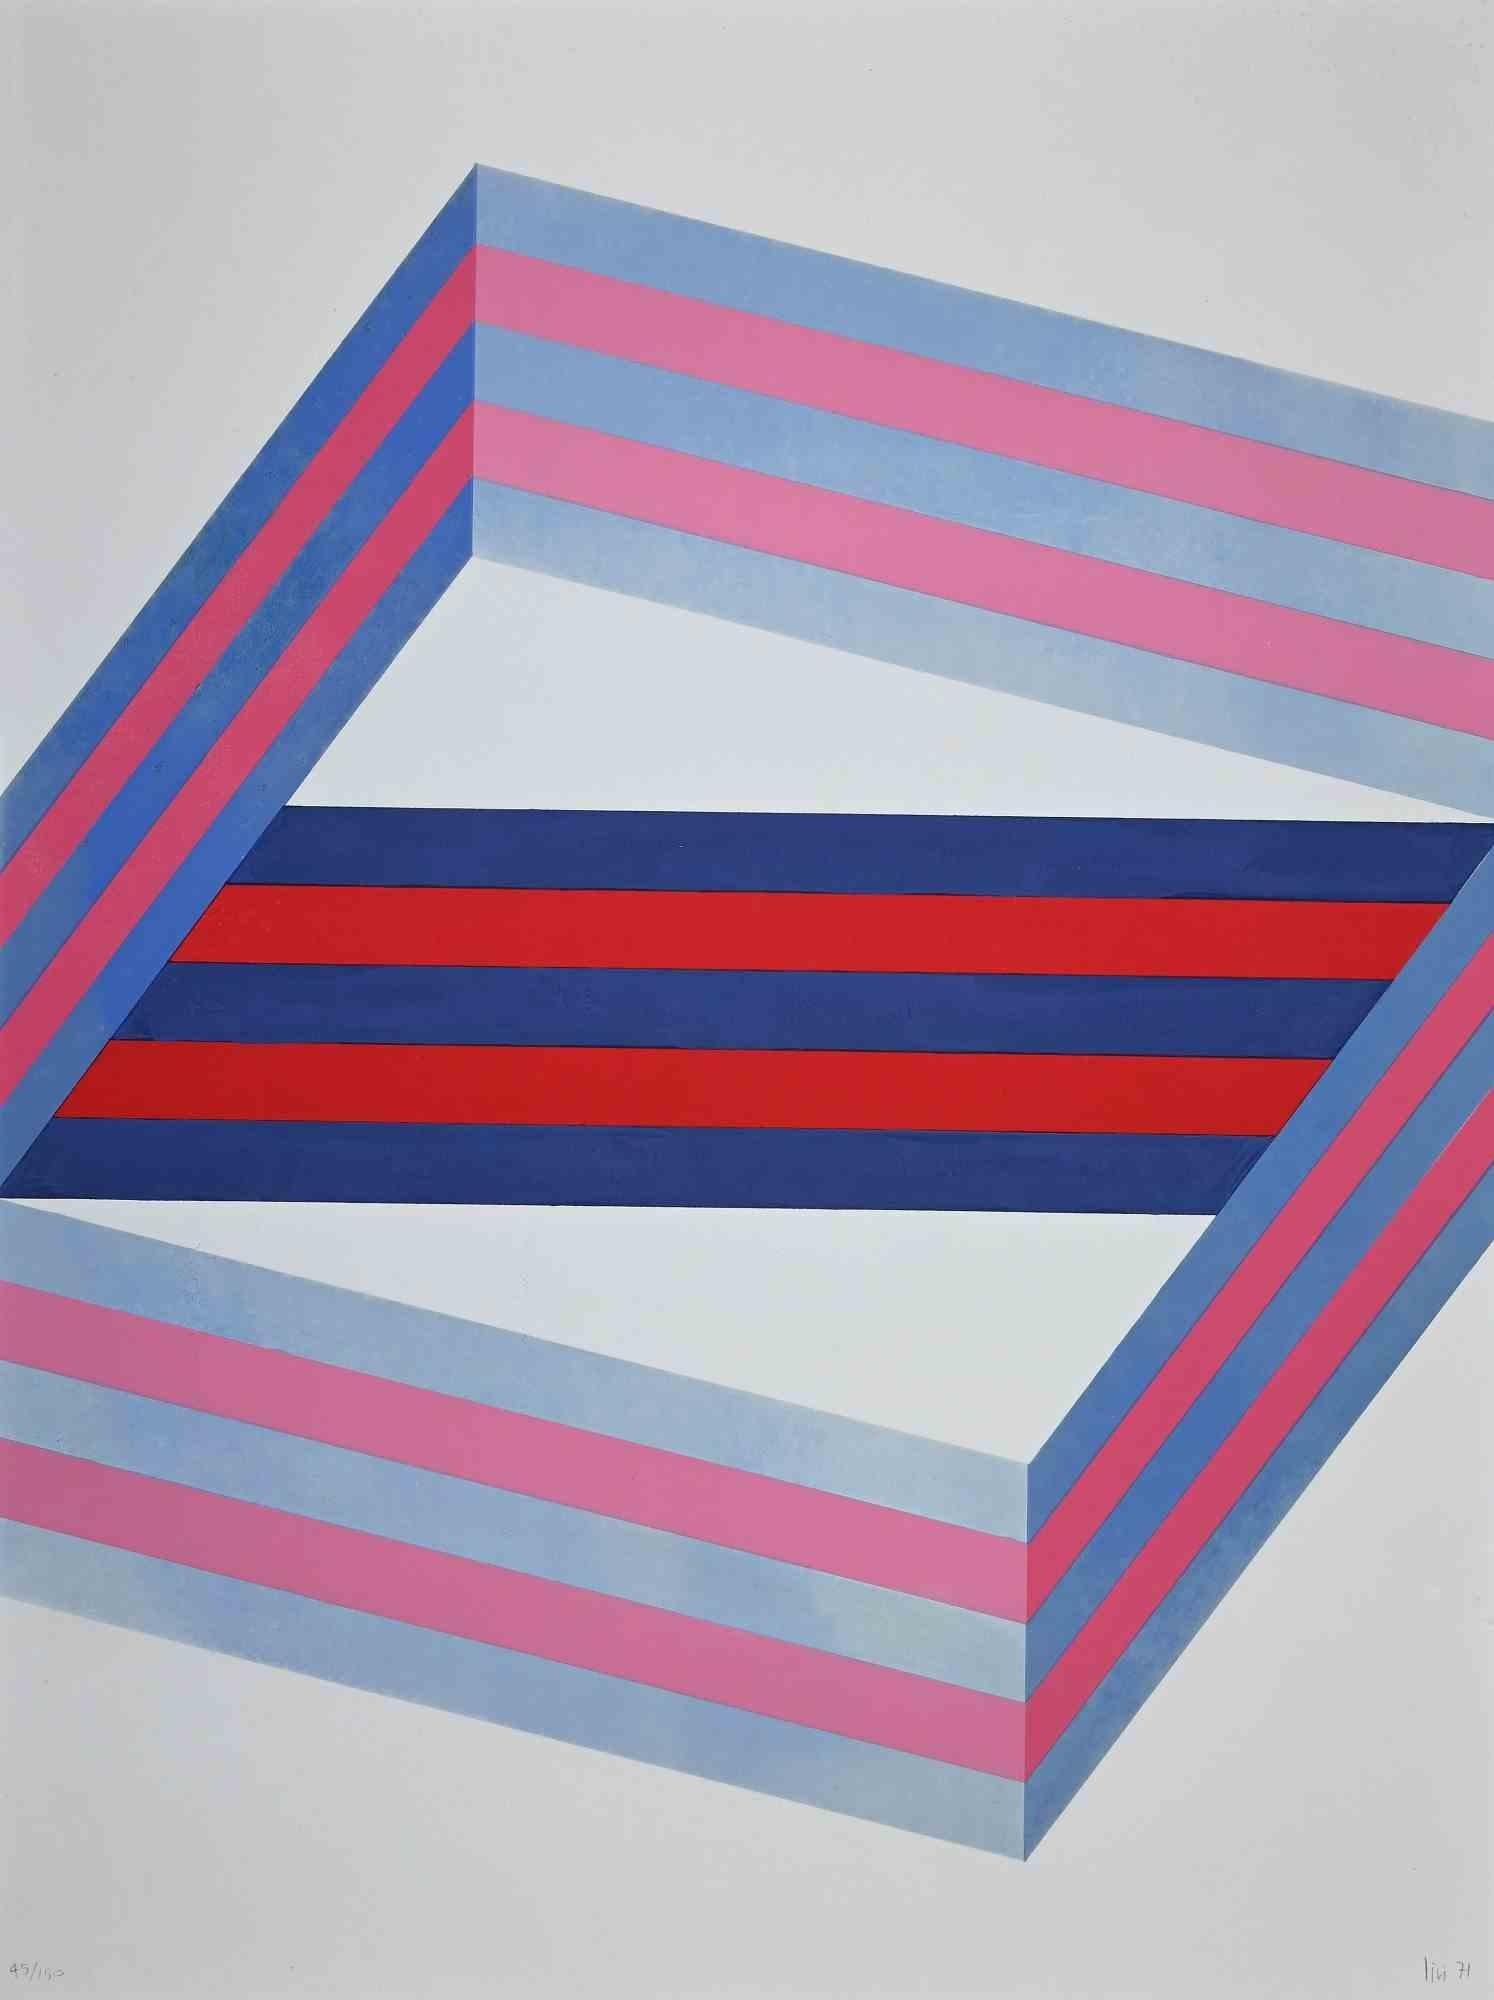 Striped Composition - Original Lithograph by Renato Livi  - 1971